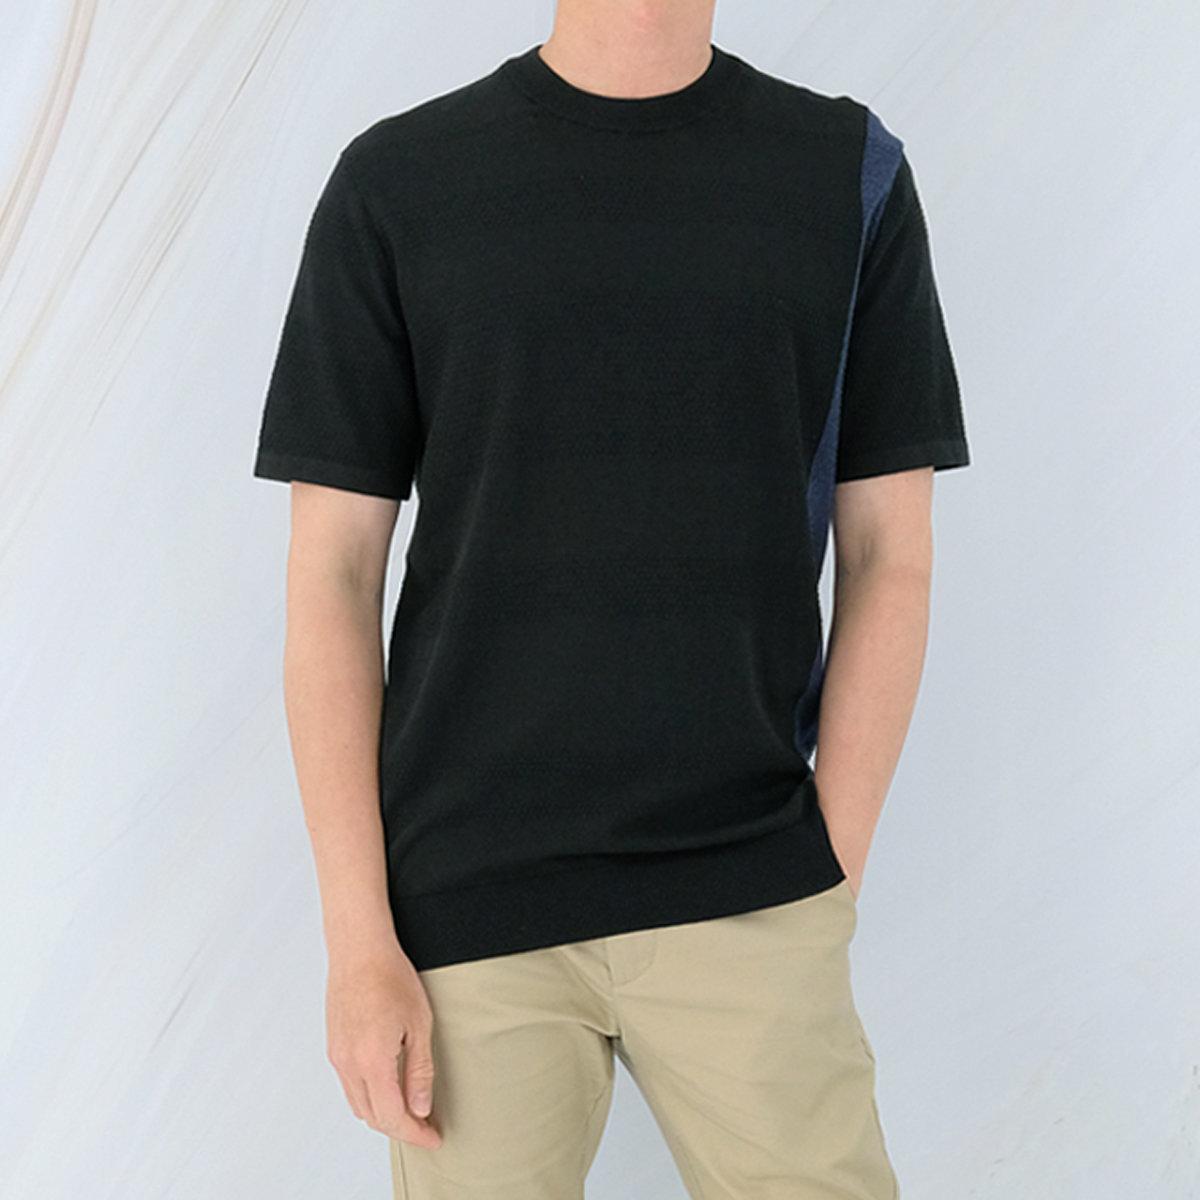 Men's Cotton Color Block Sweater (Black)